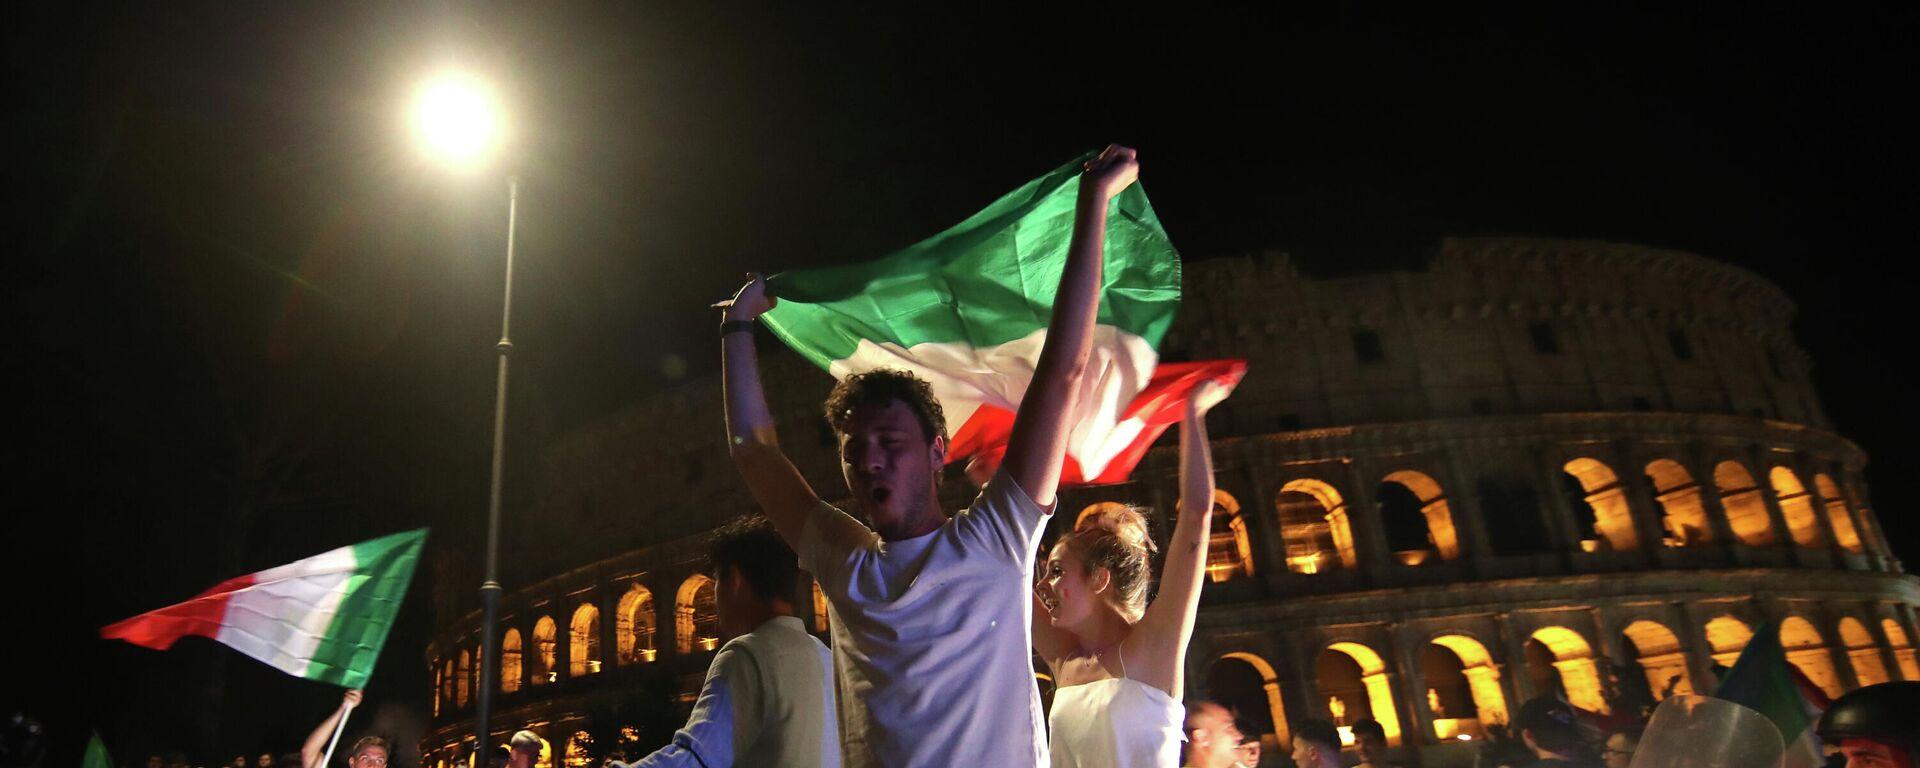 Festejos en Roma tras la victoria de Italia en Eurocopa 2020 - Sputnik Mundo, 1920, 12.07.2021